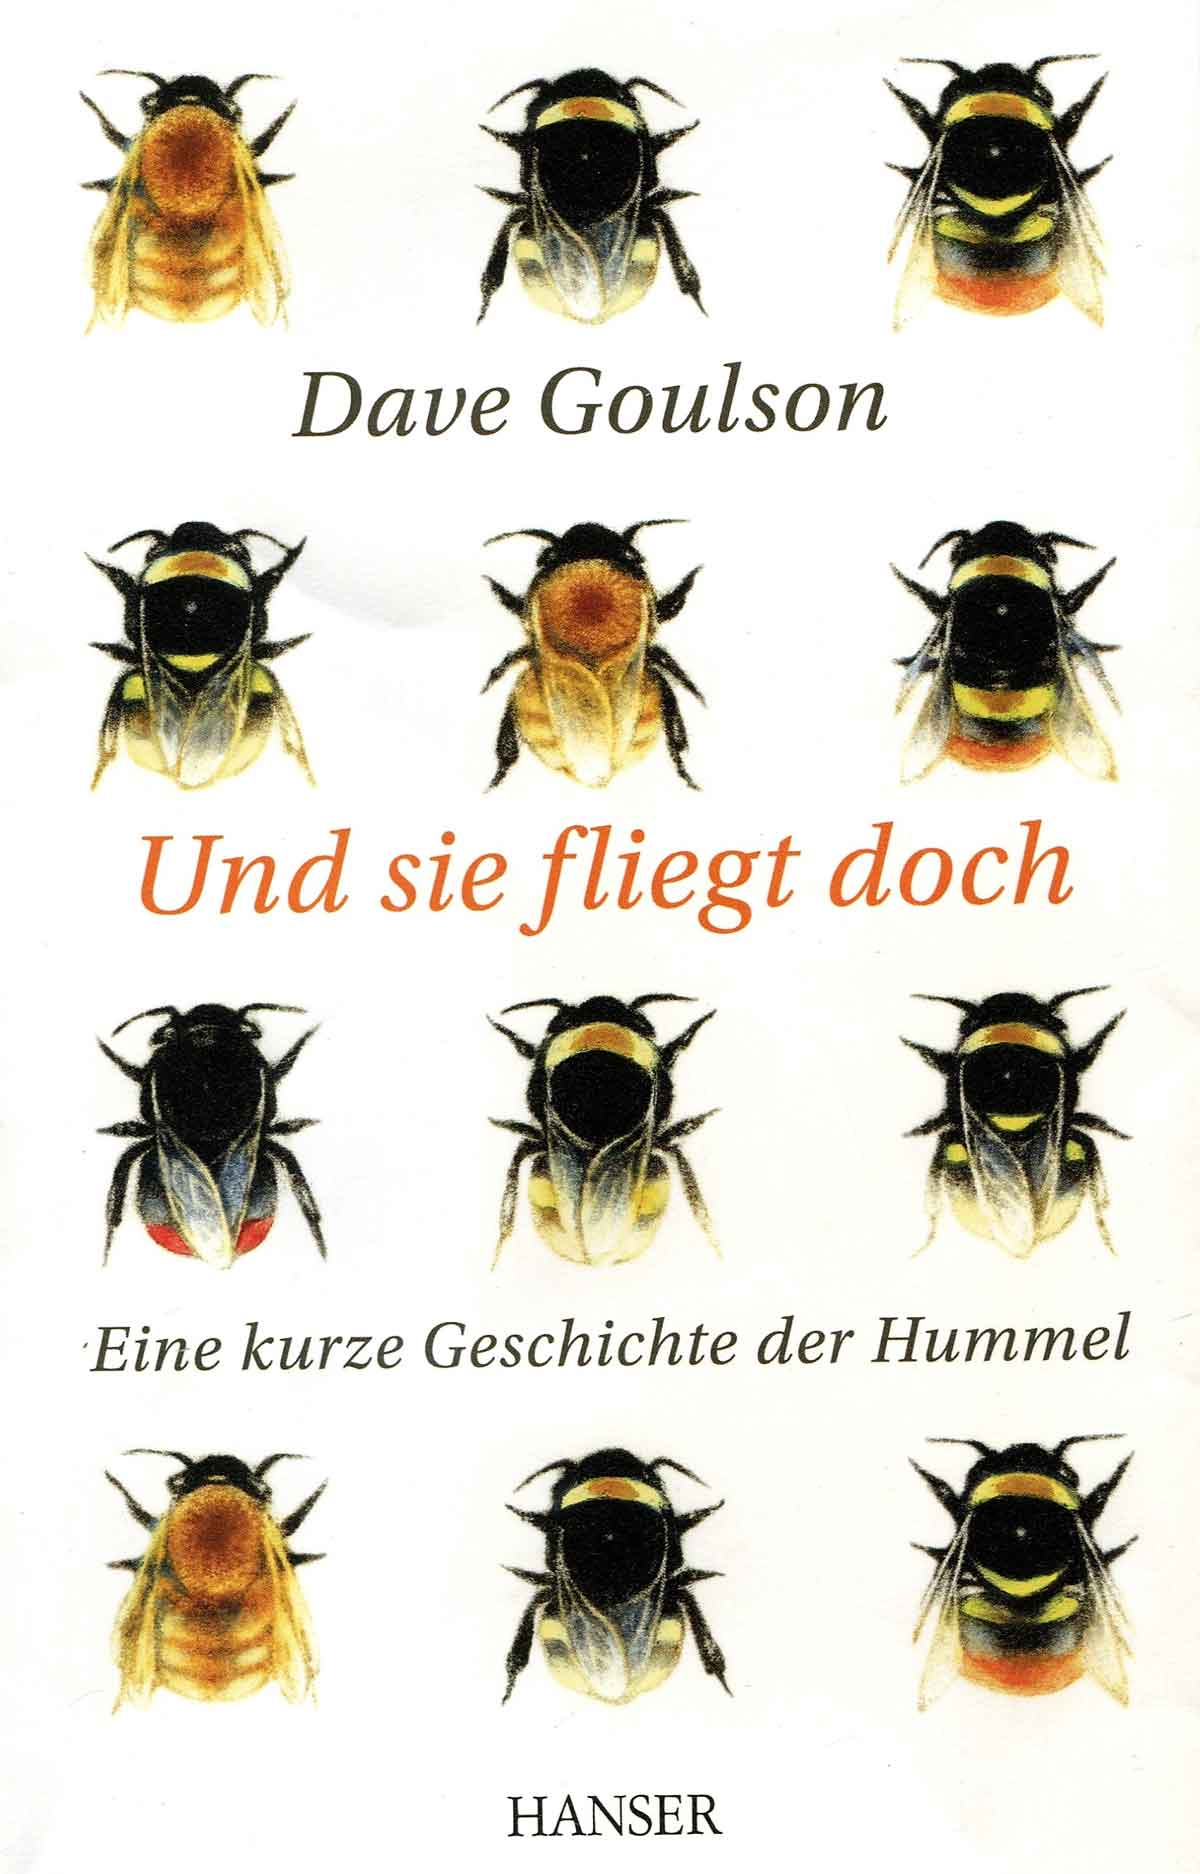 Und sie fliegt doch - Dave Goulson (Hansa)